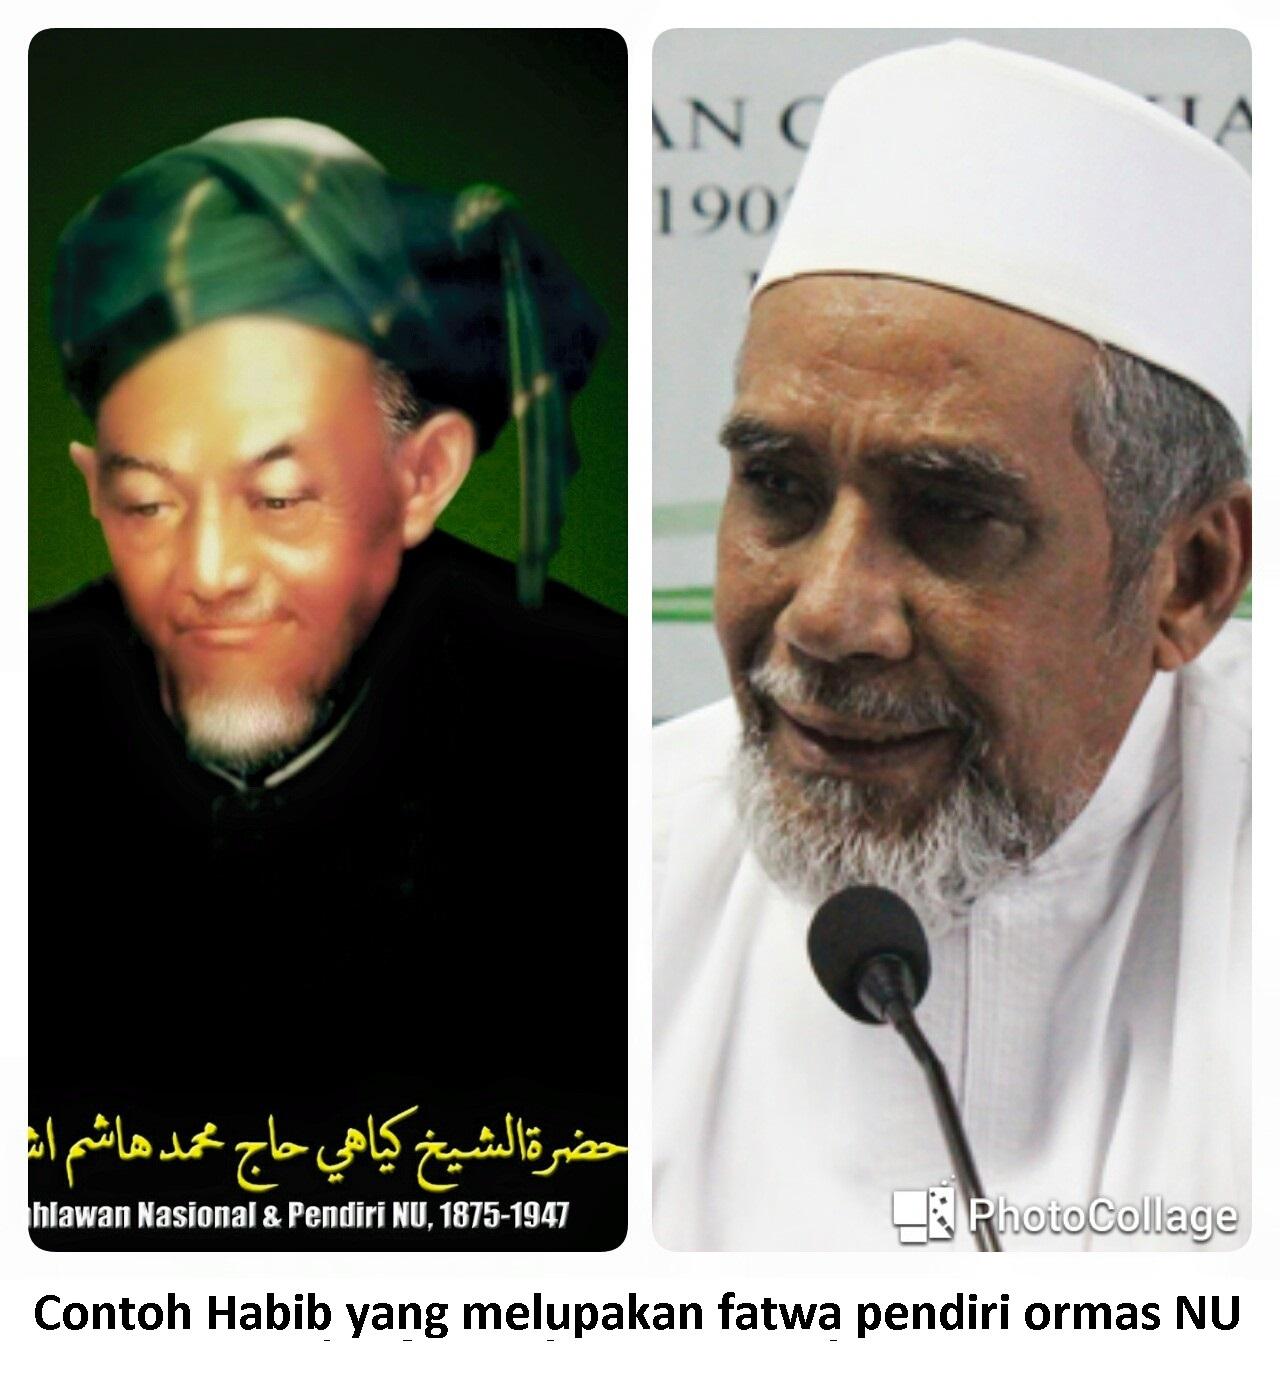 Habib Yang Diperalat Mutiara Zuhud Letakkan Dunia Pada Tanganmu